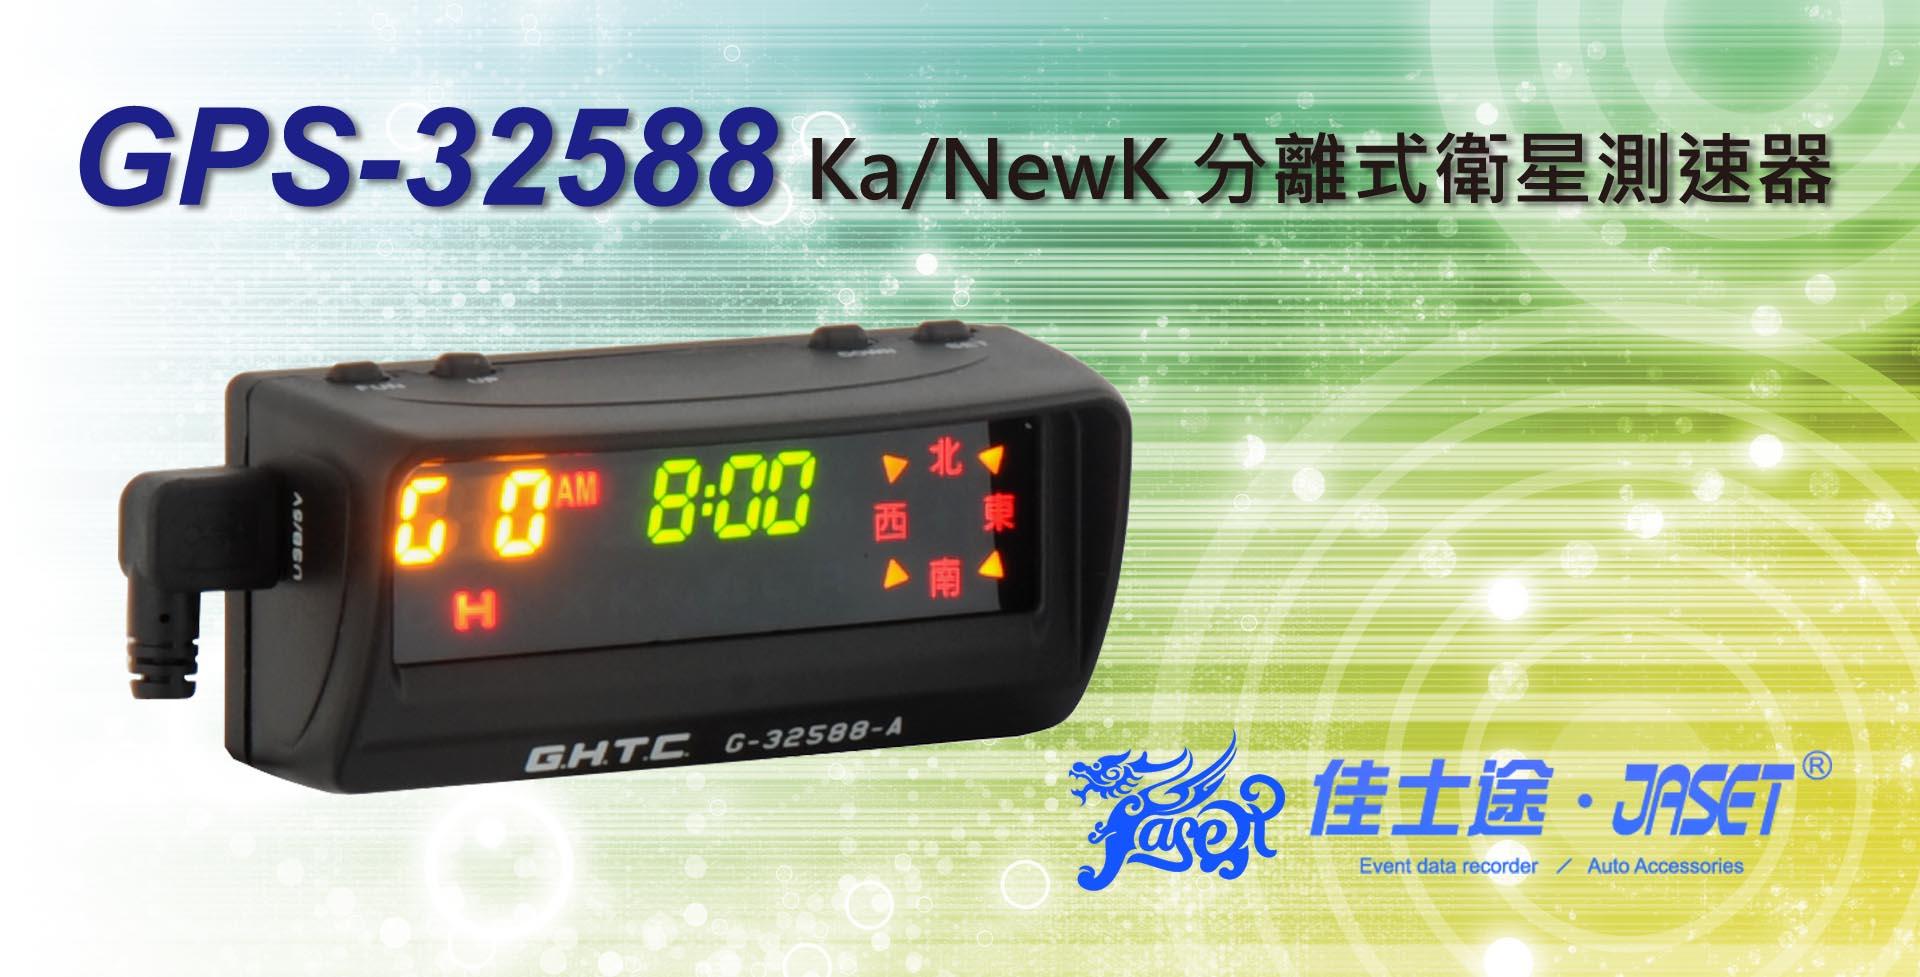 ~台灣製照~JASET佳士途~GPS 測速器 固定式照相首選 免費上網更新汽車/罰單/超速 ~汽車音響 行車記錄器